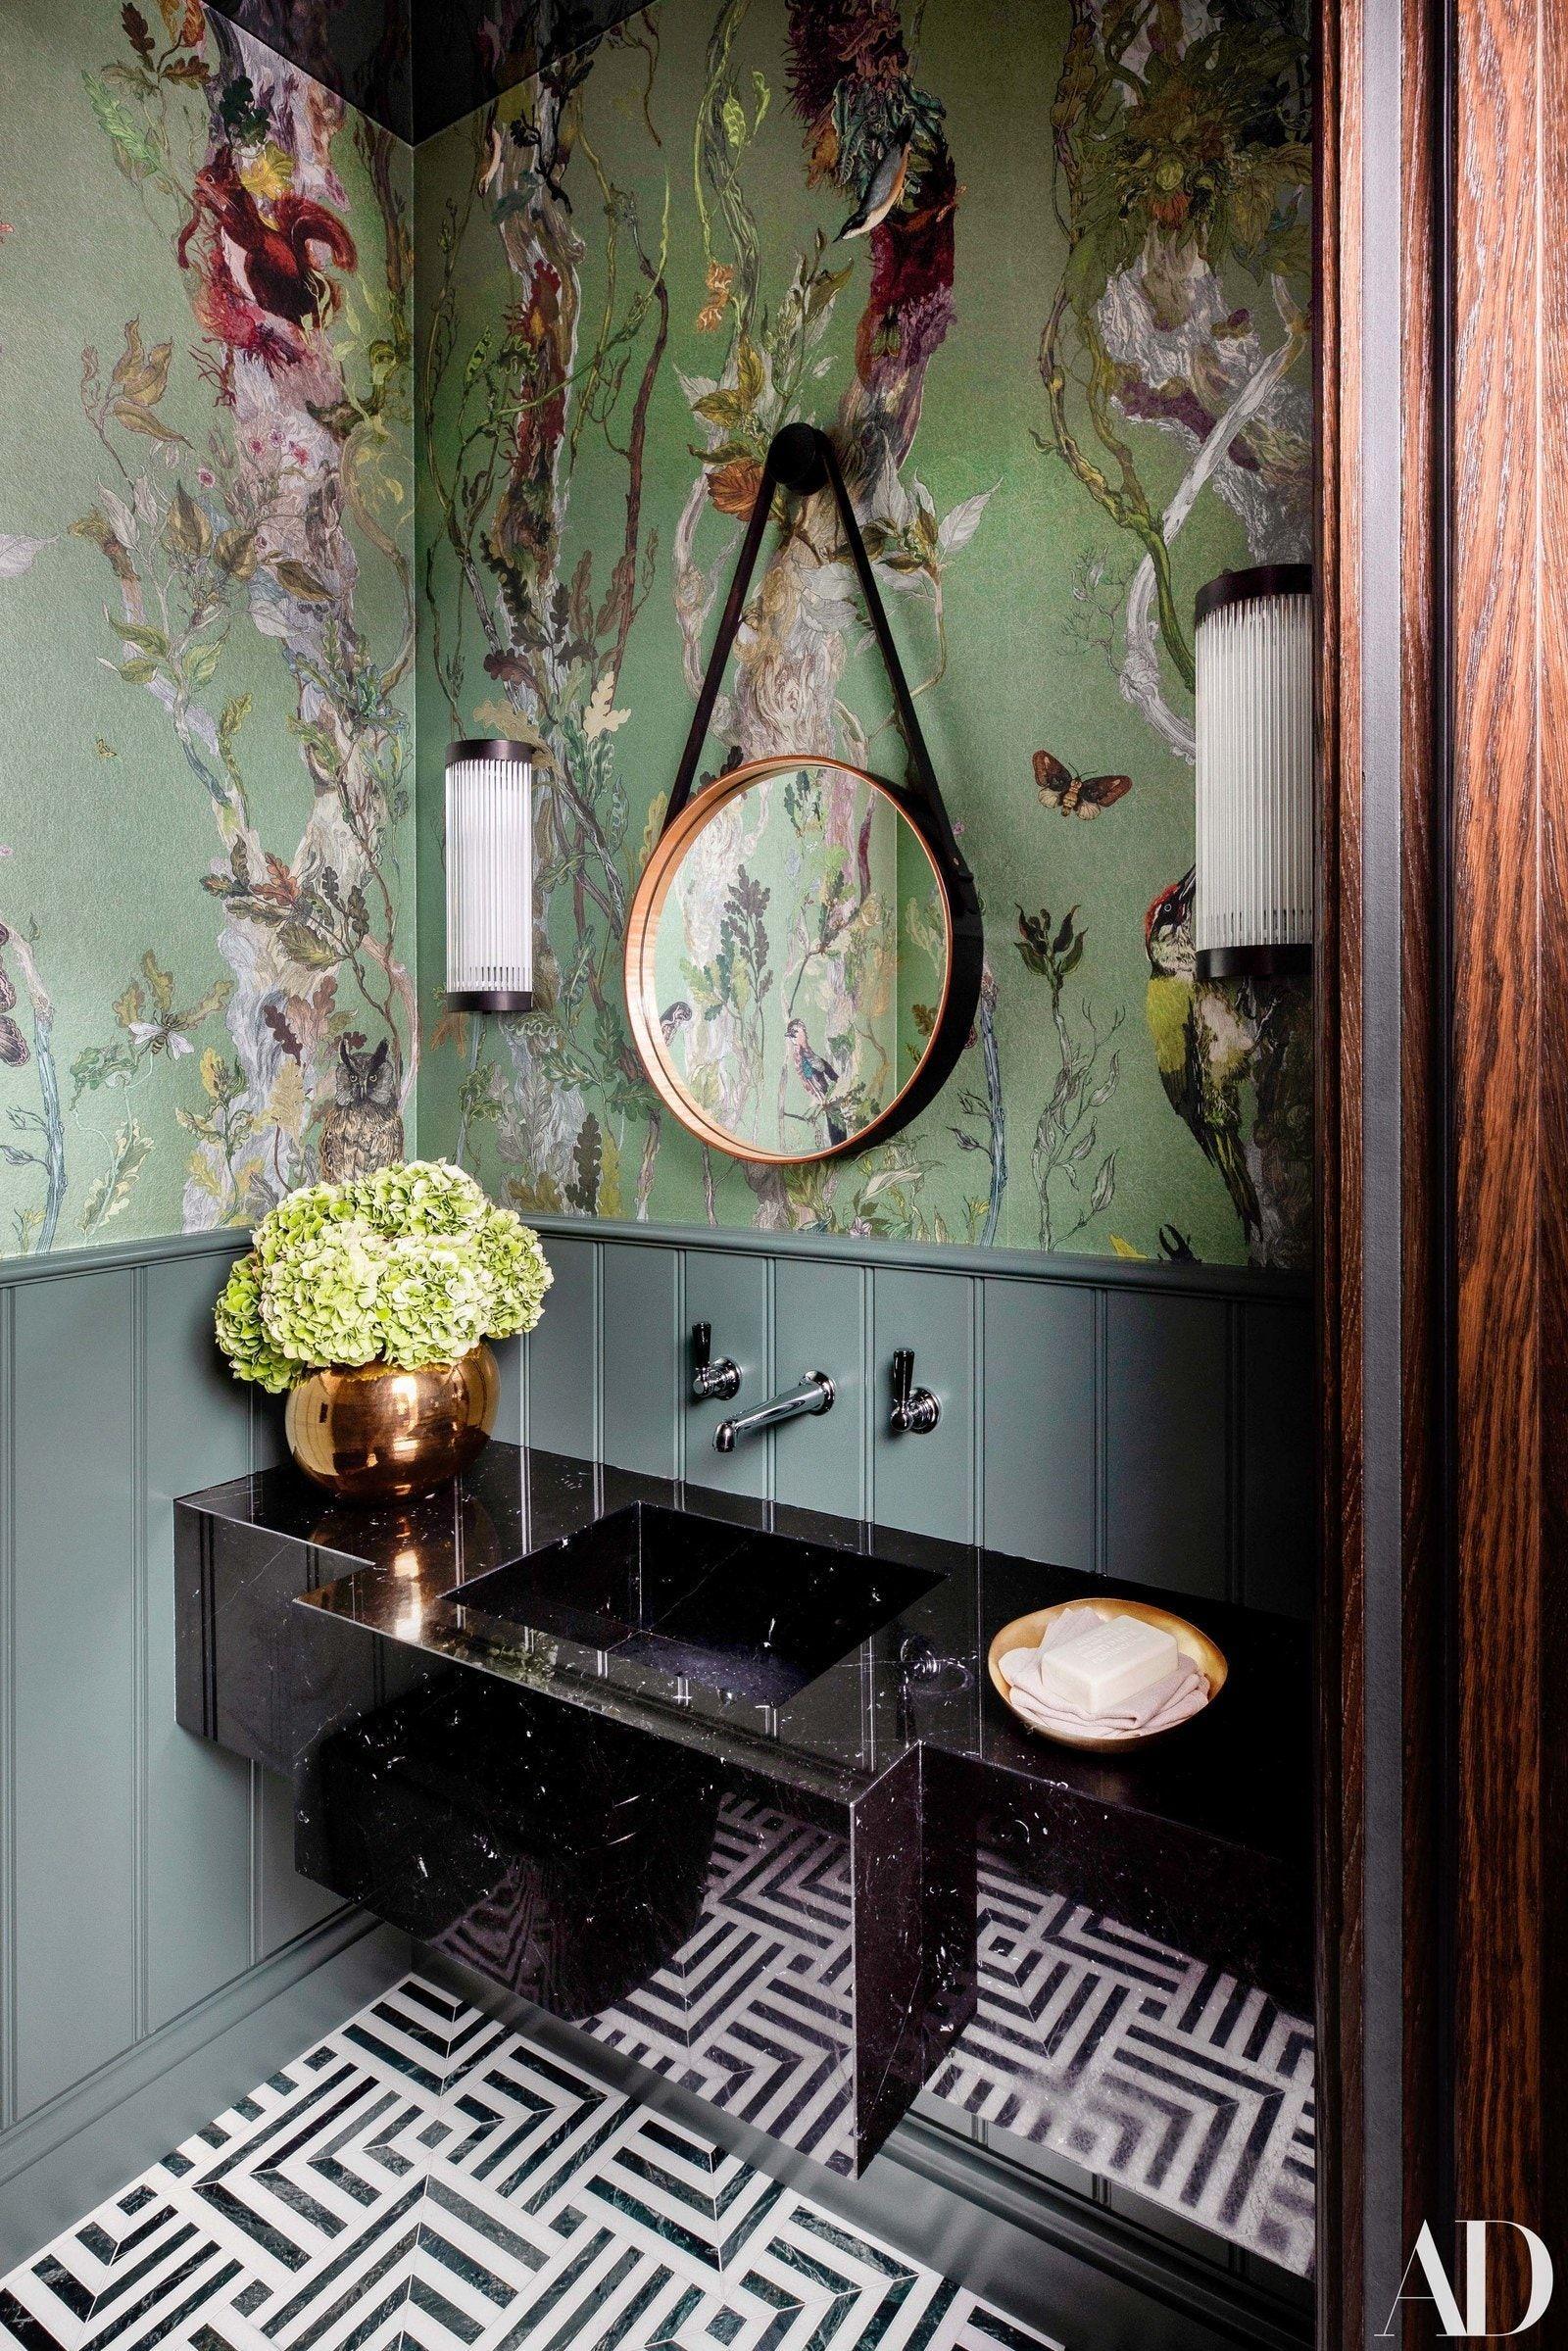 Schon In London Das Englische Zimmer In 2020 Wc Im Erdgeschoss Badezimmer Tapete Art Deco Badezimmer